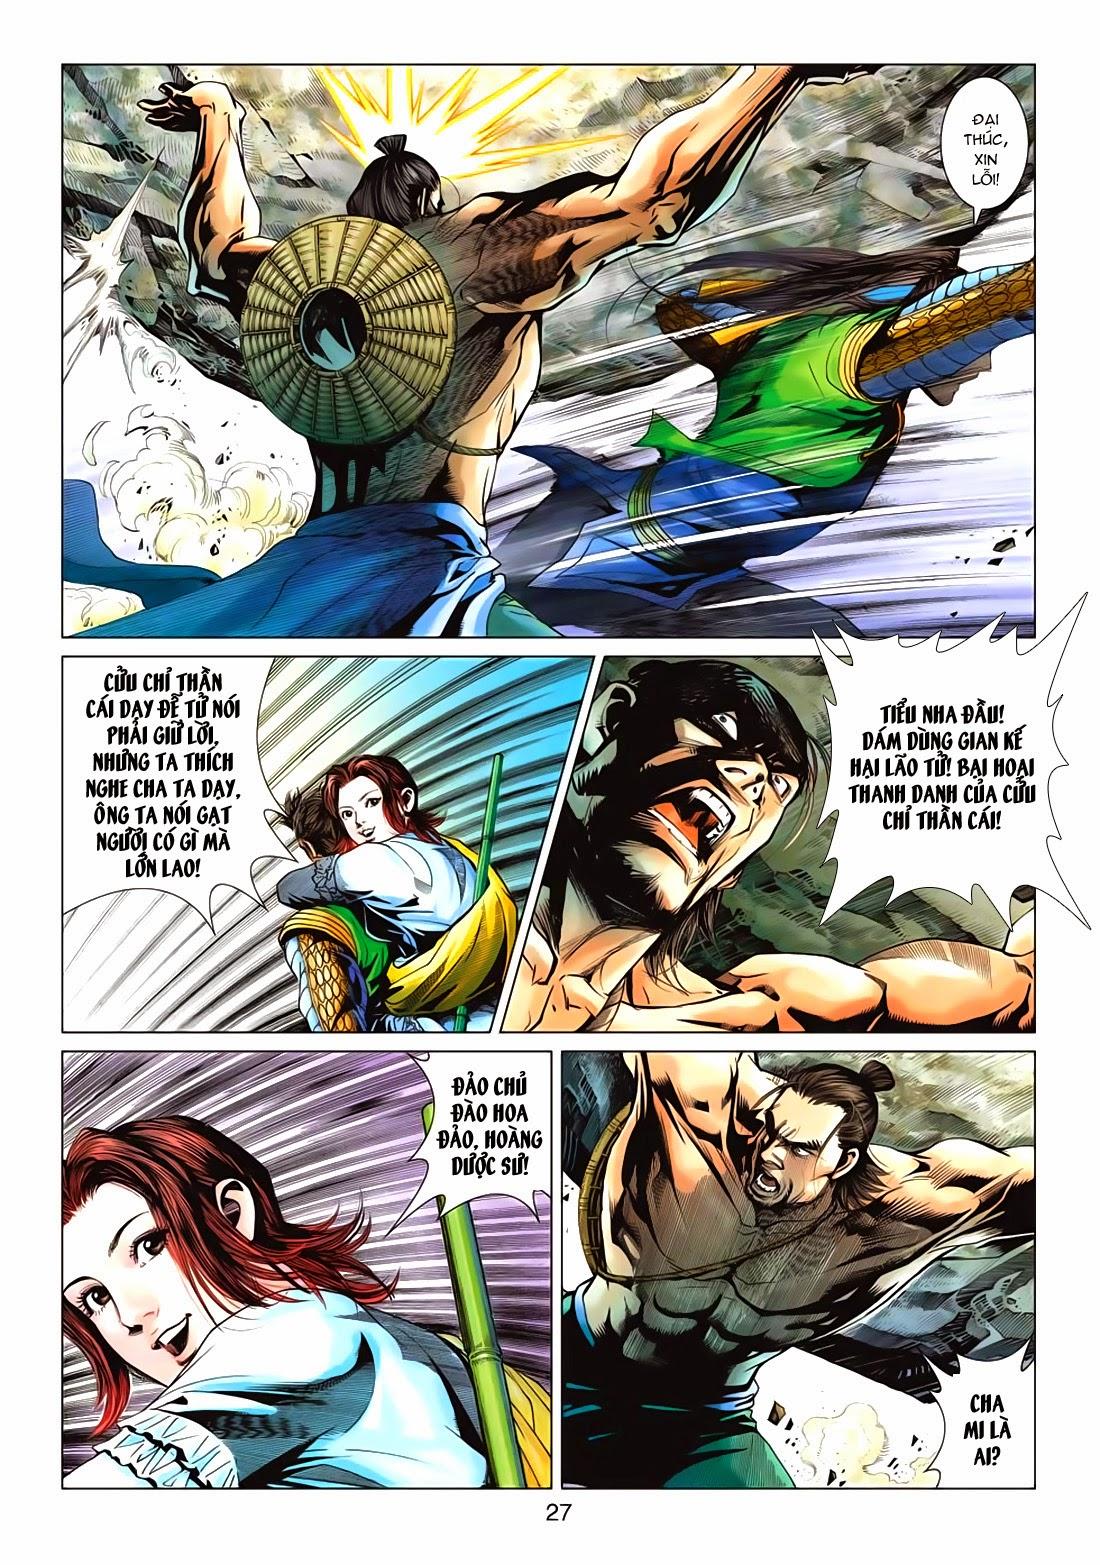 Anh Hùng Xạ Điêu anh hùng xạ đêu chap 72: ngư tiều canh độc trang 27